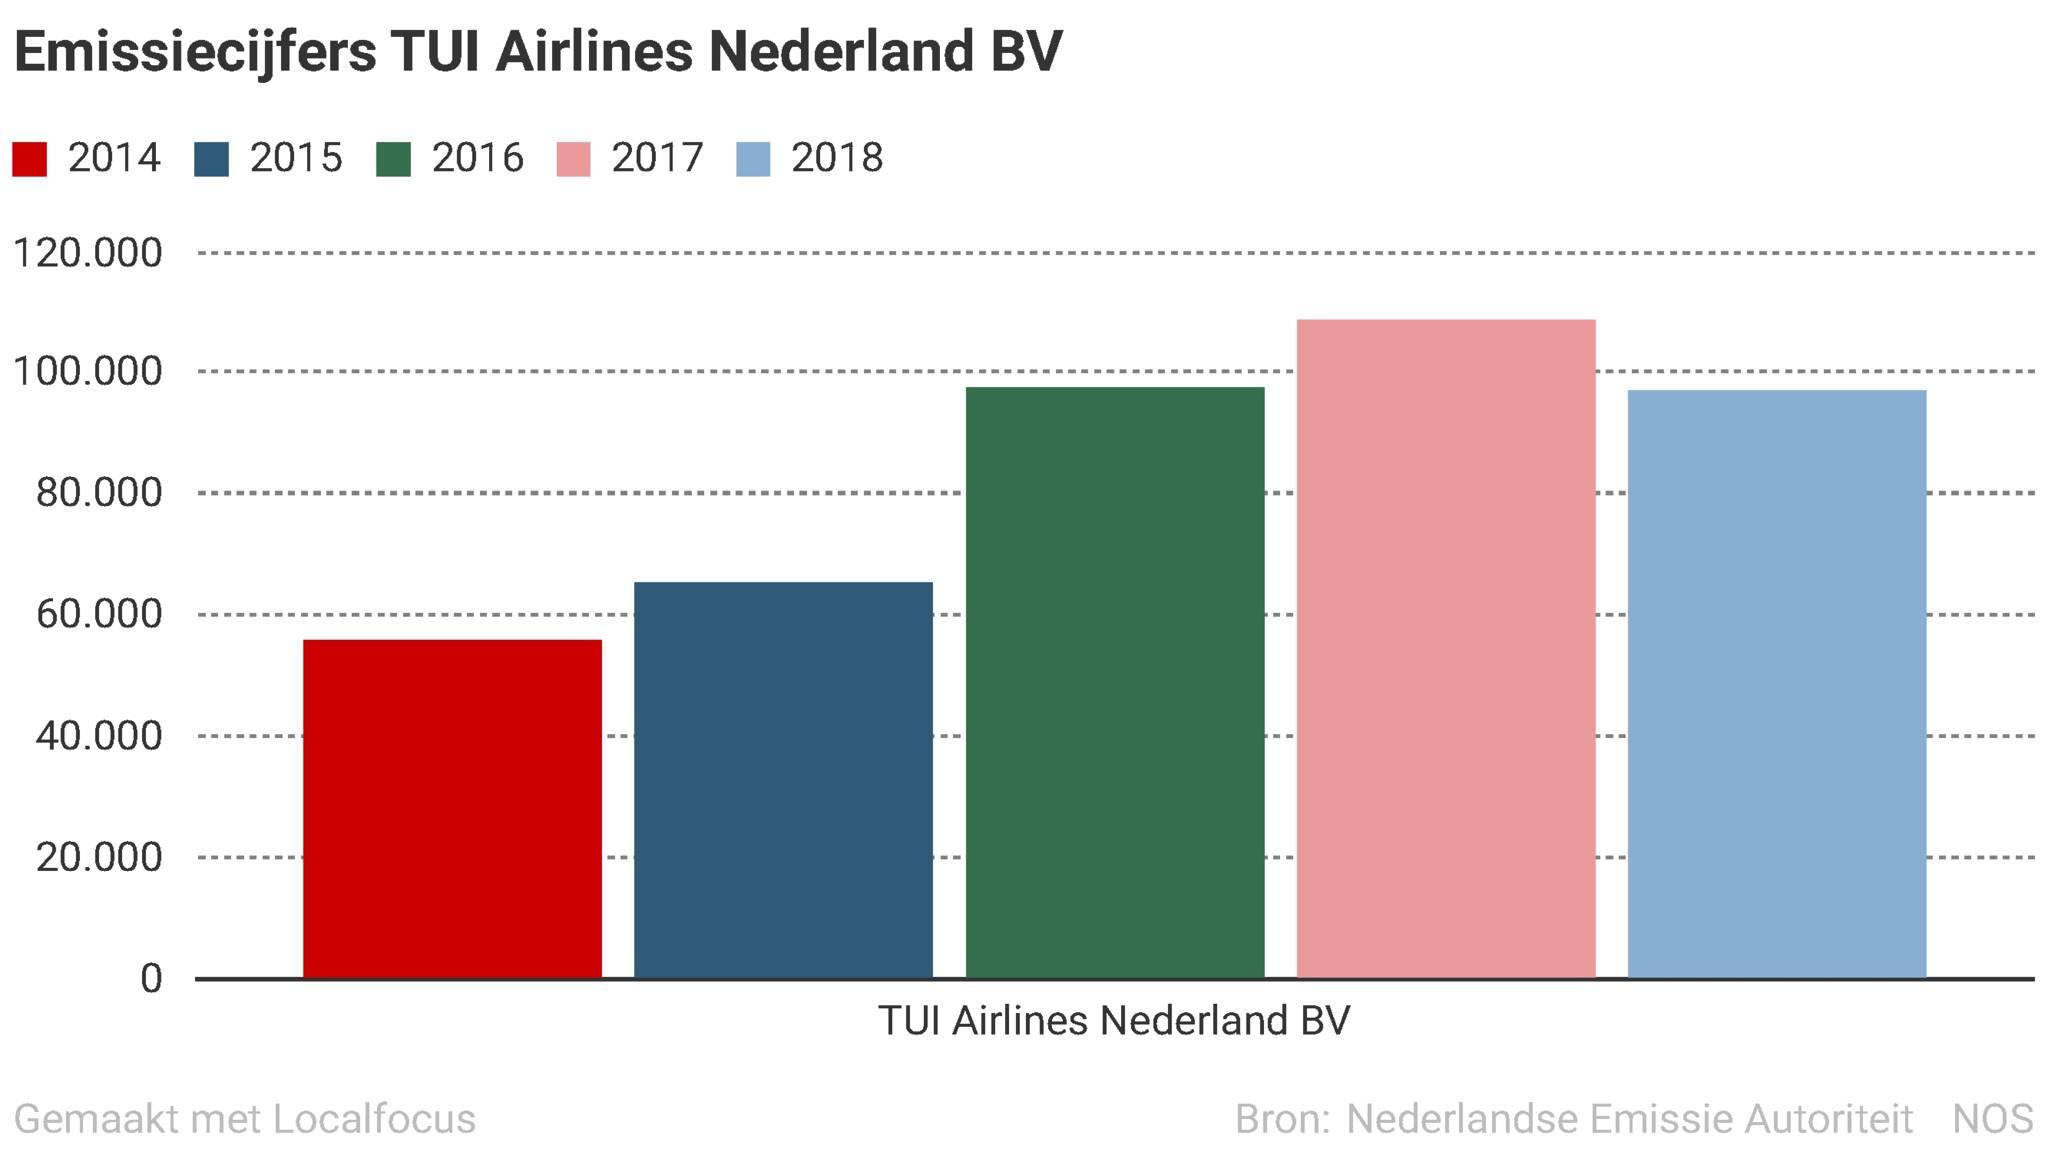 https://nos.nl/data/image/2019/07/14/563465/2048x1152.jpg